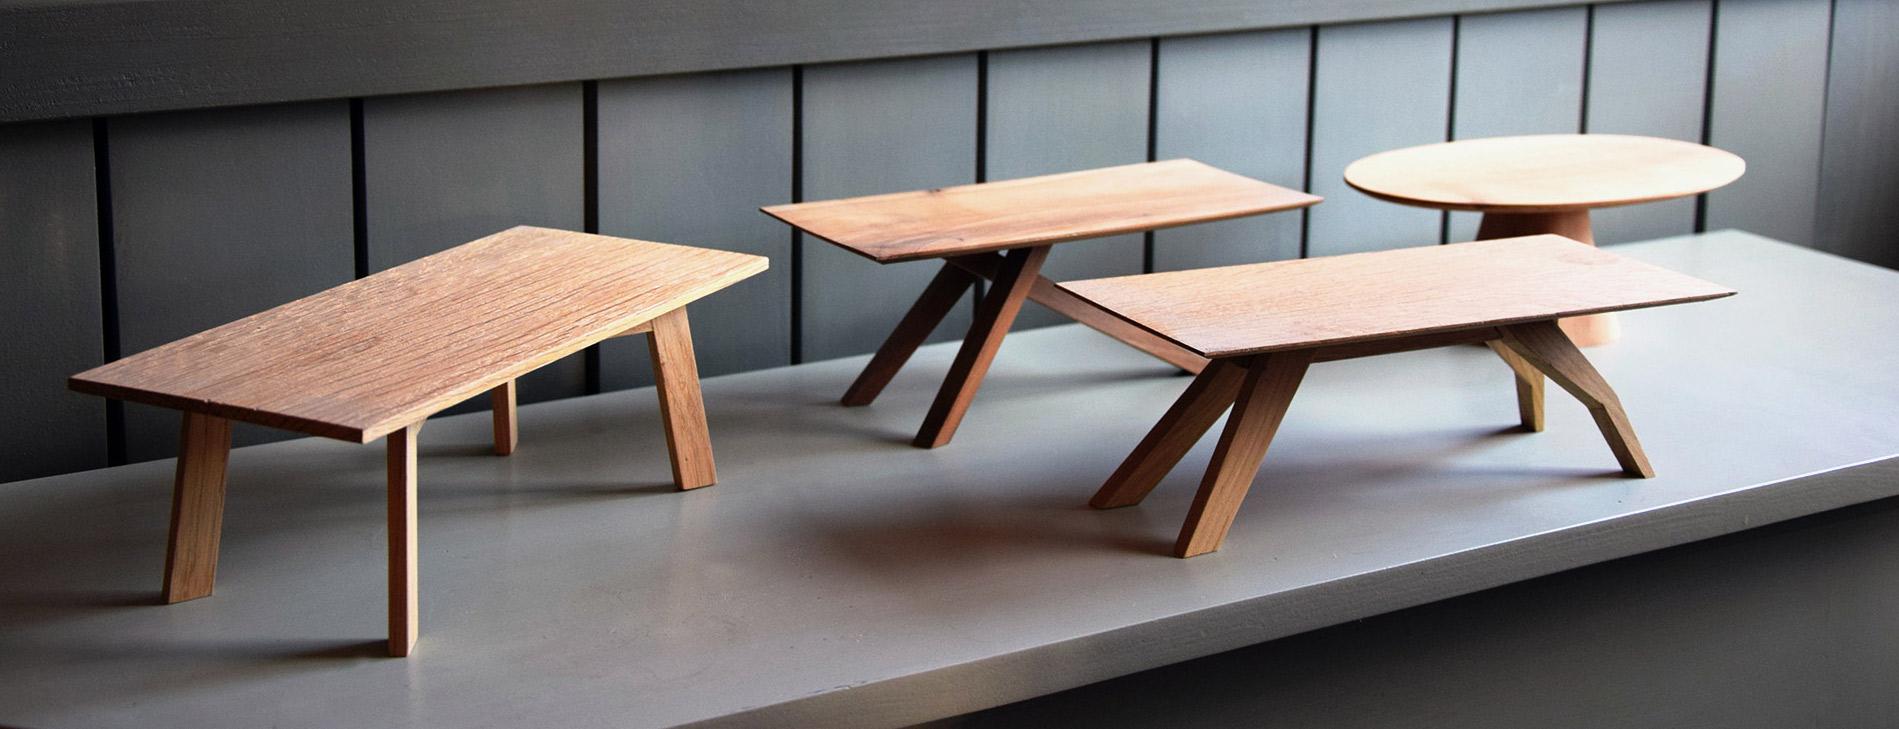 Kleine Tischmodelle aus Holz   Kunststück Schreinerei München